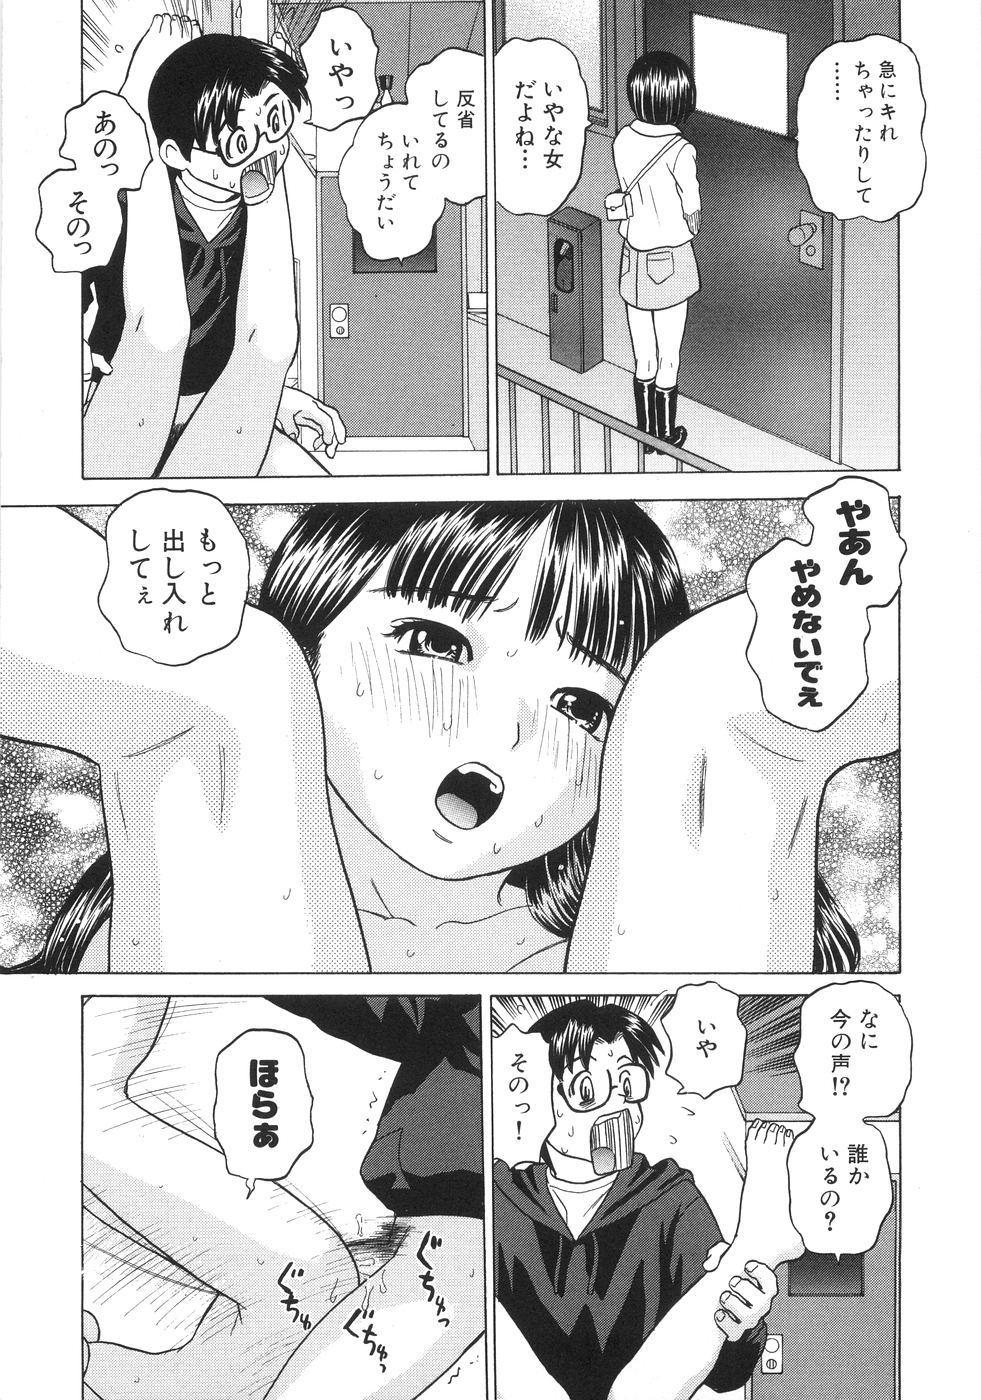 Hitoriyogari 159